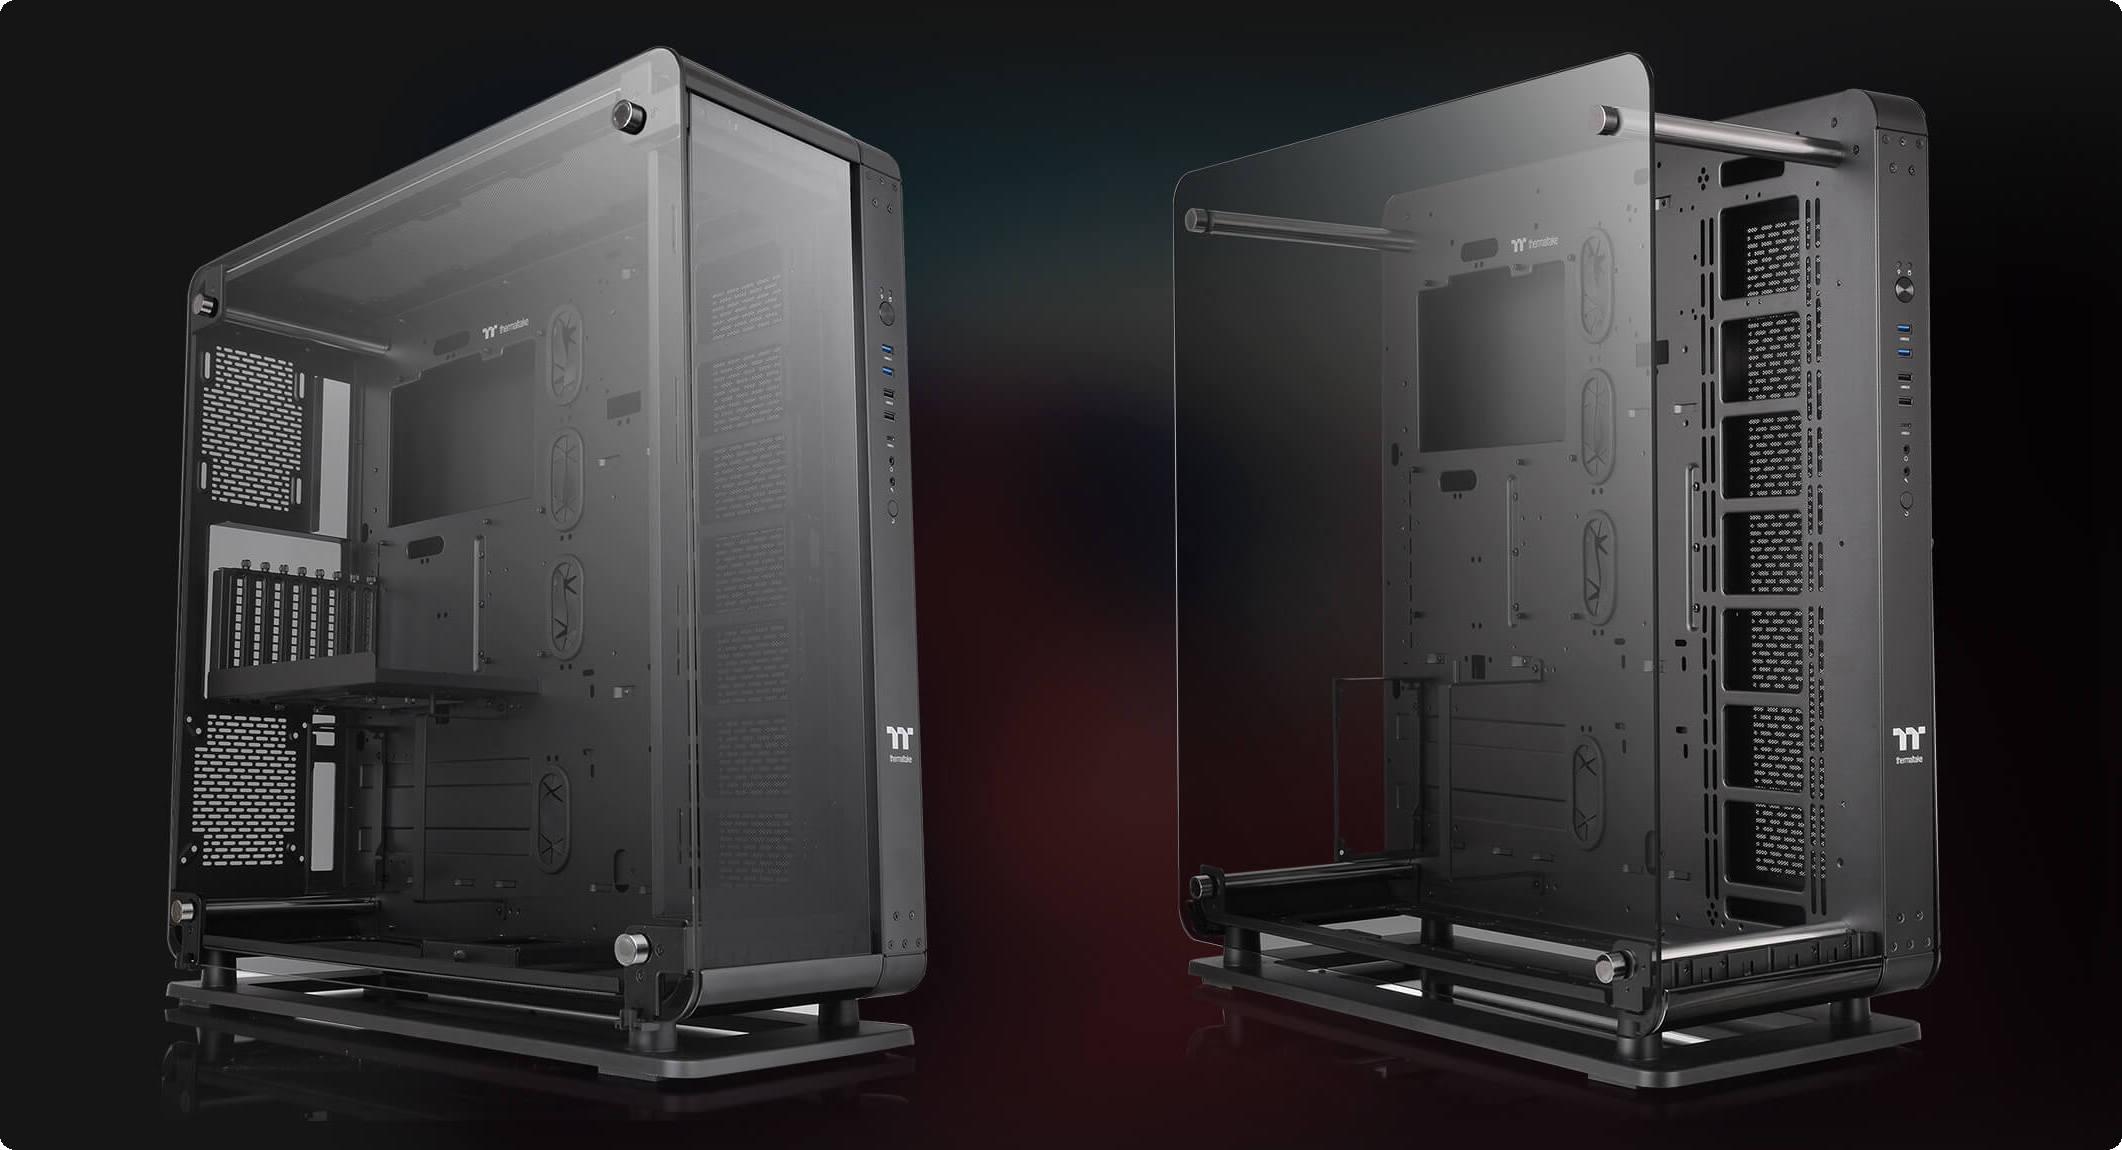 Core P8 TG có thể nhanh chóng được chuyển đổi